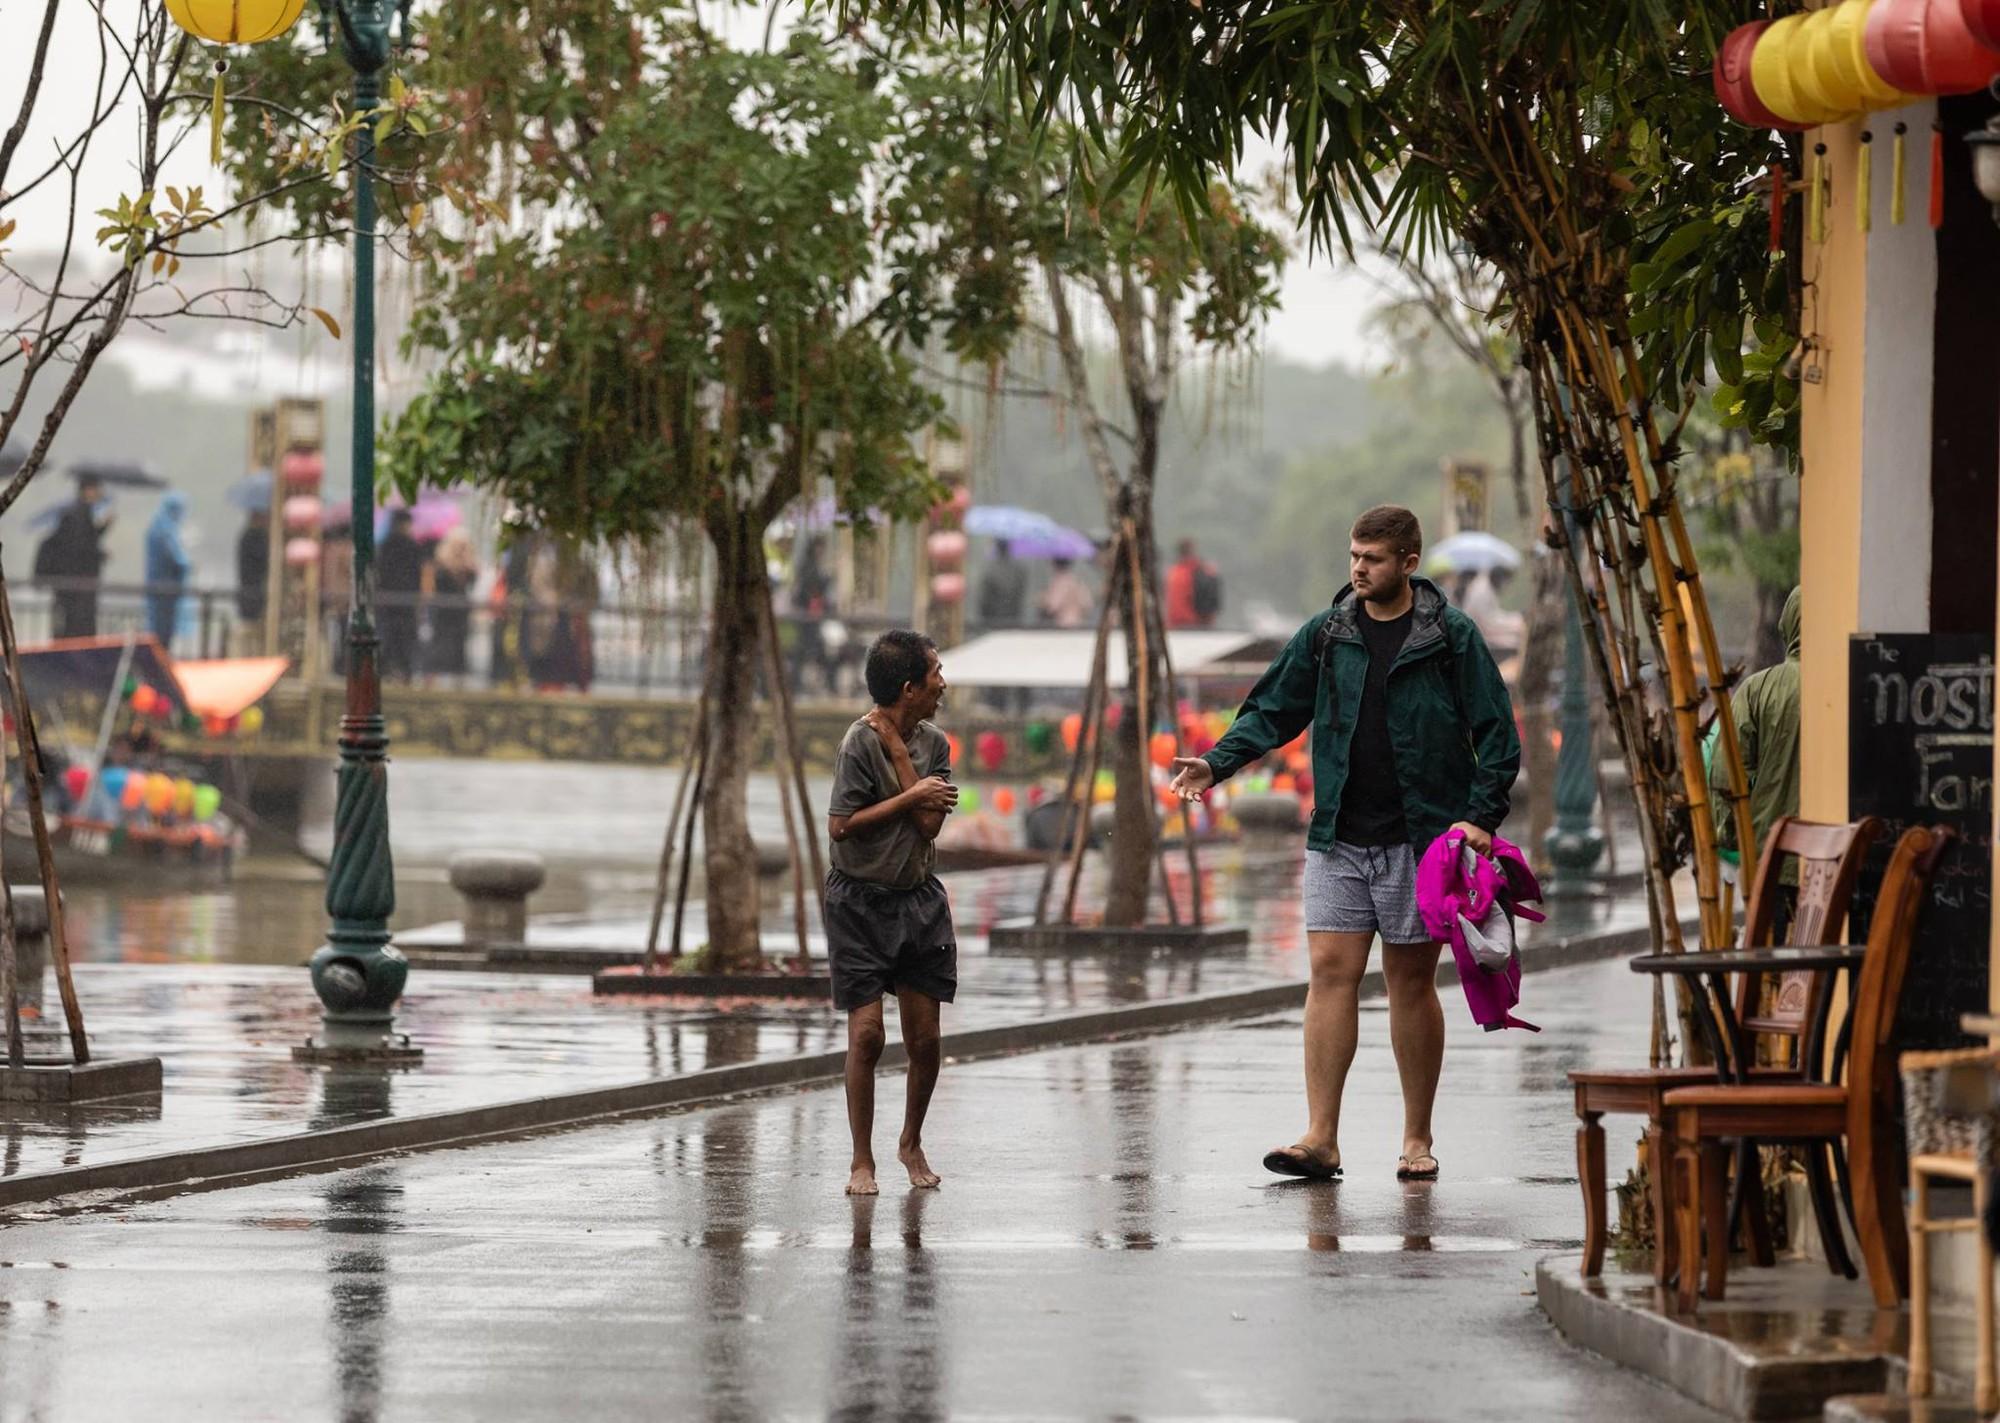 Hình ảnh chàng trai ngoại quốc đuổi theo, tặng chiếc áo ấm cho người đàn ông co ro giữa mưa lạnh ở Hội An khiến nhiều người ấm lòng - Ảnh 3.